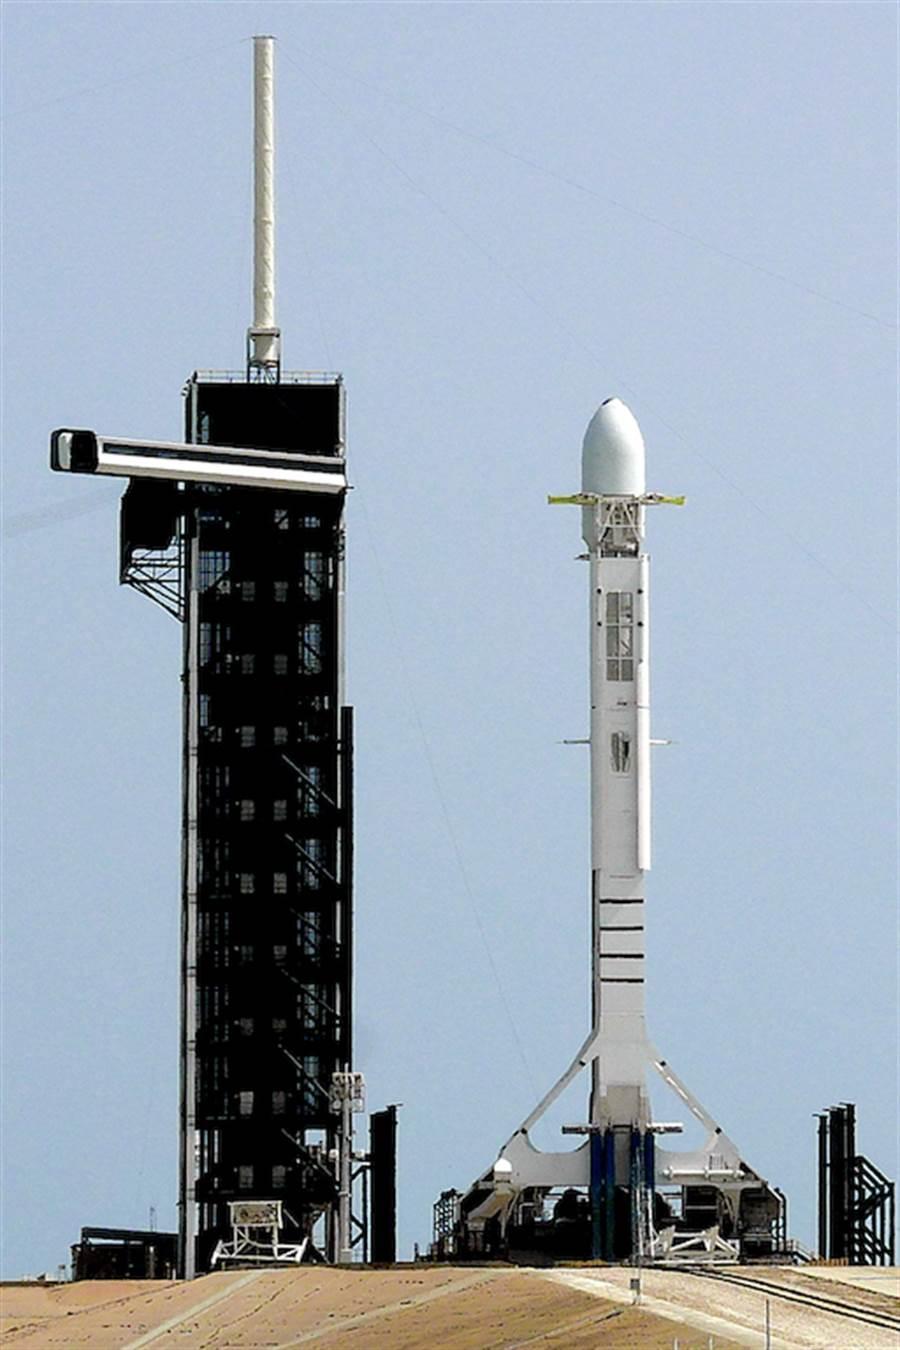 日本將與美國合作發射可探測北韓飛彈的小型衛星。(示意圖,美國甘迺迪太空中心準備發射火箭。美聯社)